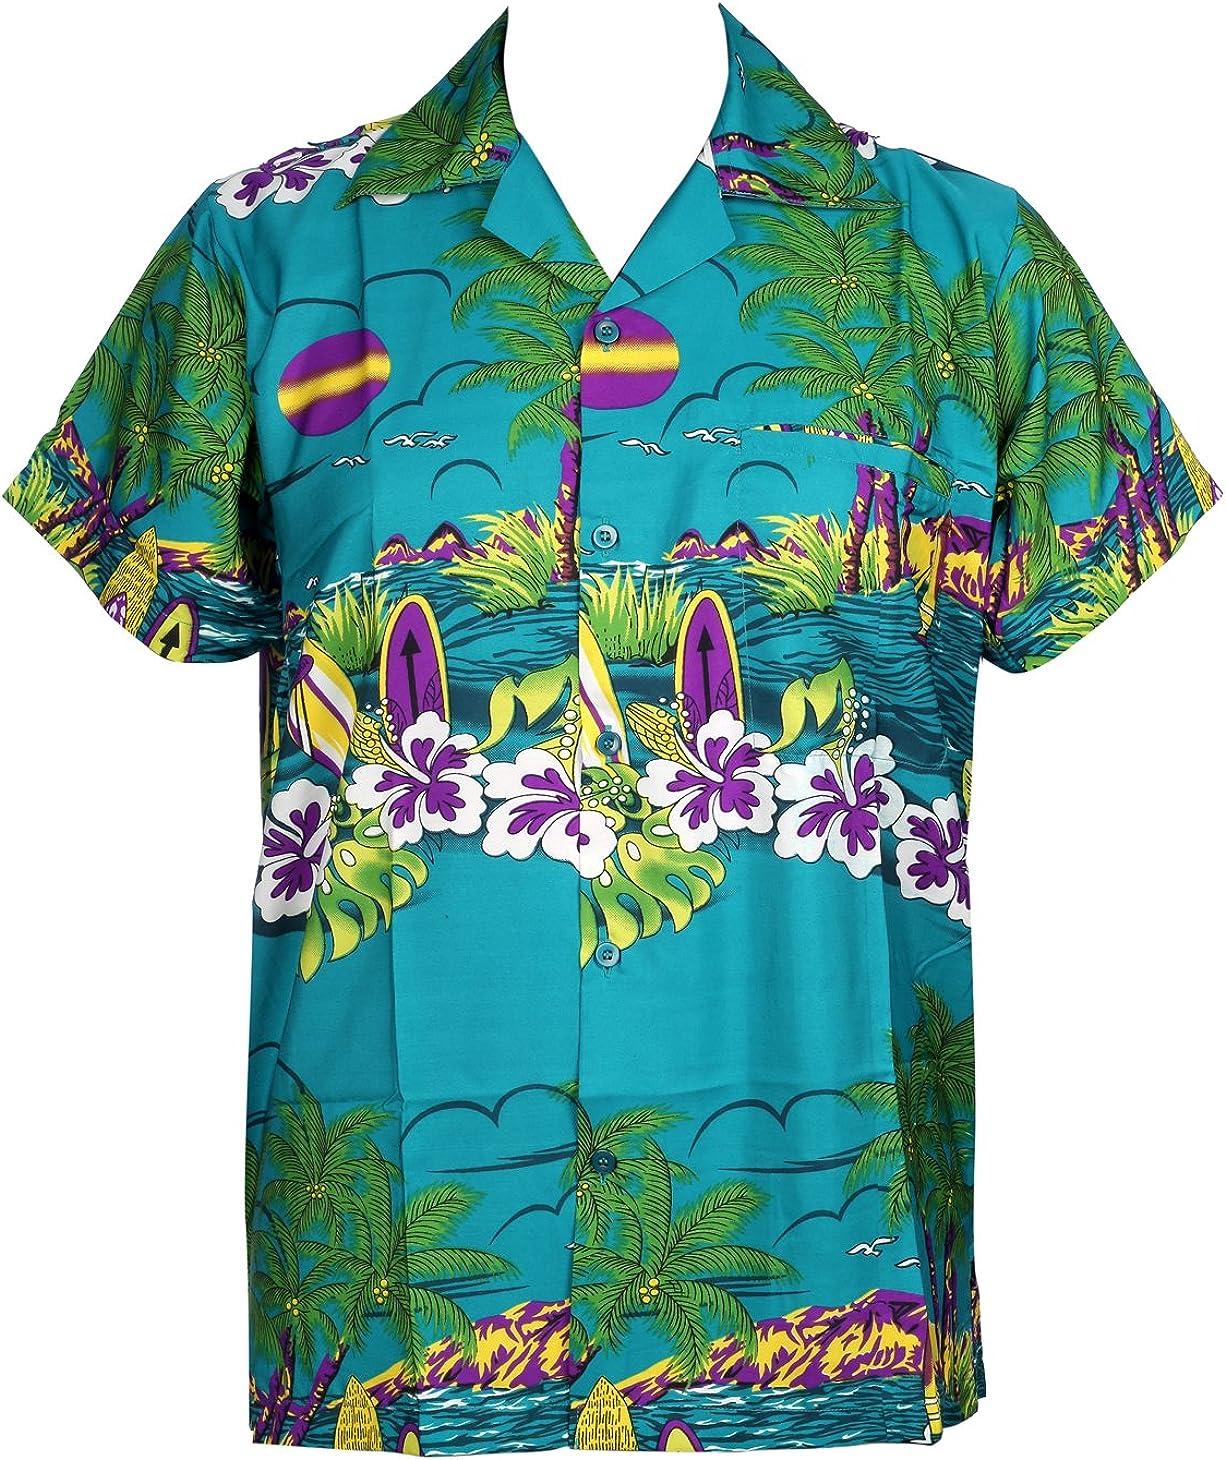 Camisa Hawaiana para Hombre, diseño de Sol, para la Playa, Fiestas, Verano y Vacaciones - 2XL - Verde Oscuro: Amazon.es: Ropa y accesorios